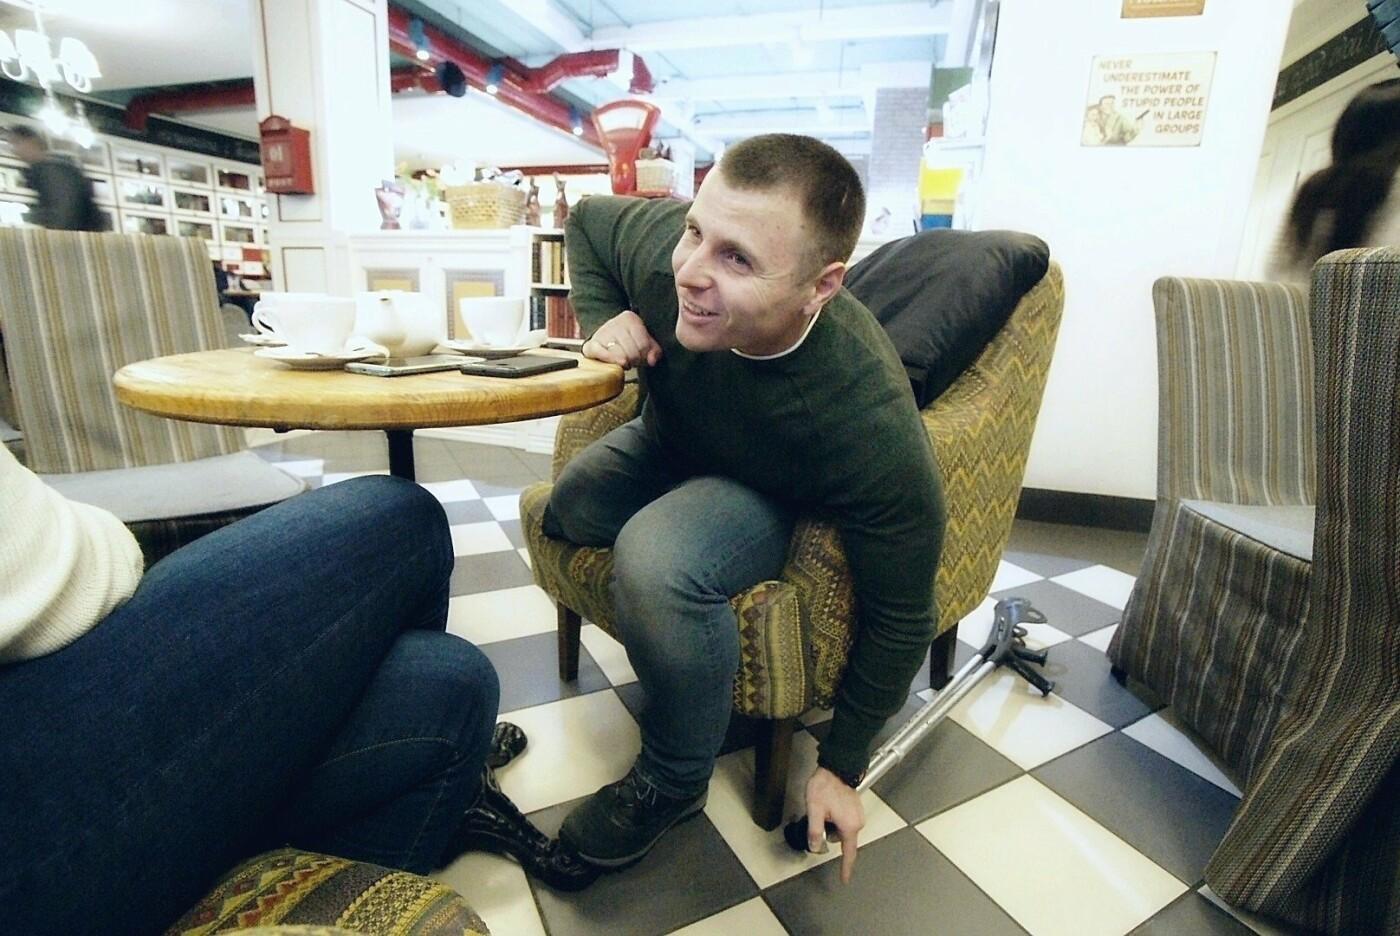 «Я не ограничен». Как живётся спортсмену без ноги в Белгороде, фото-5